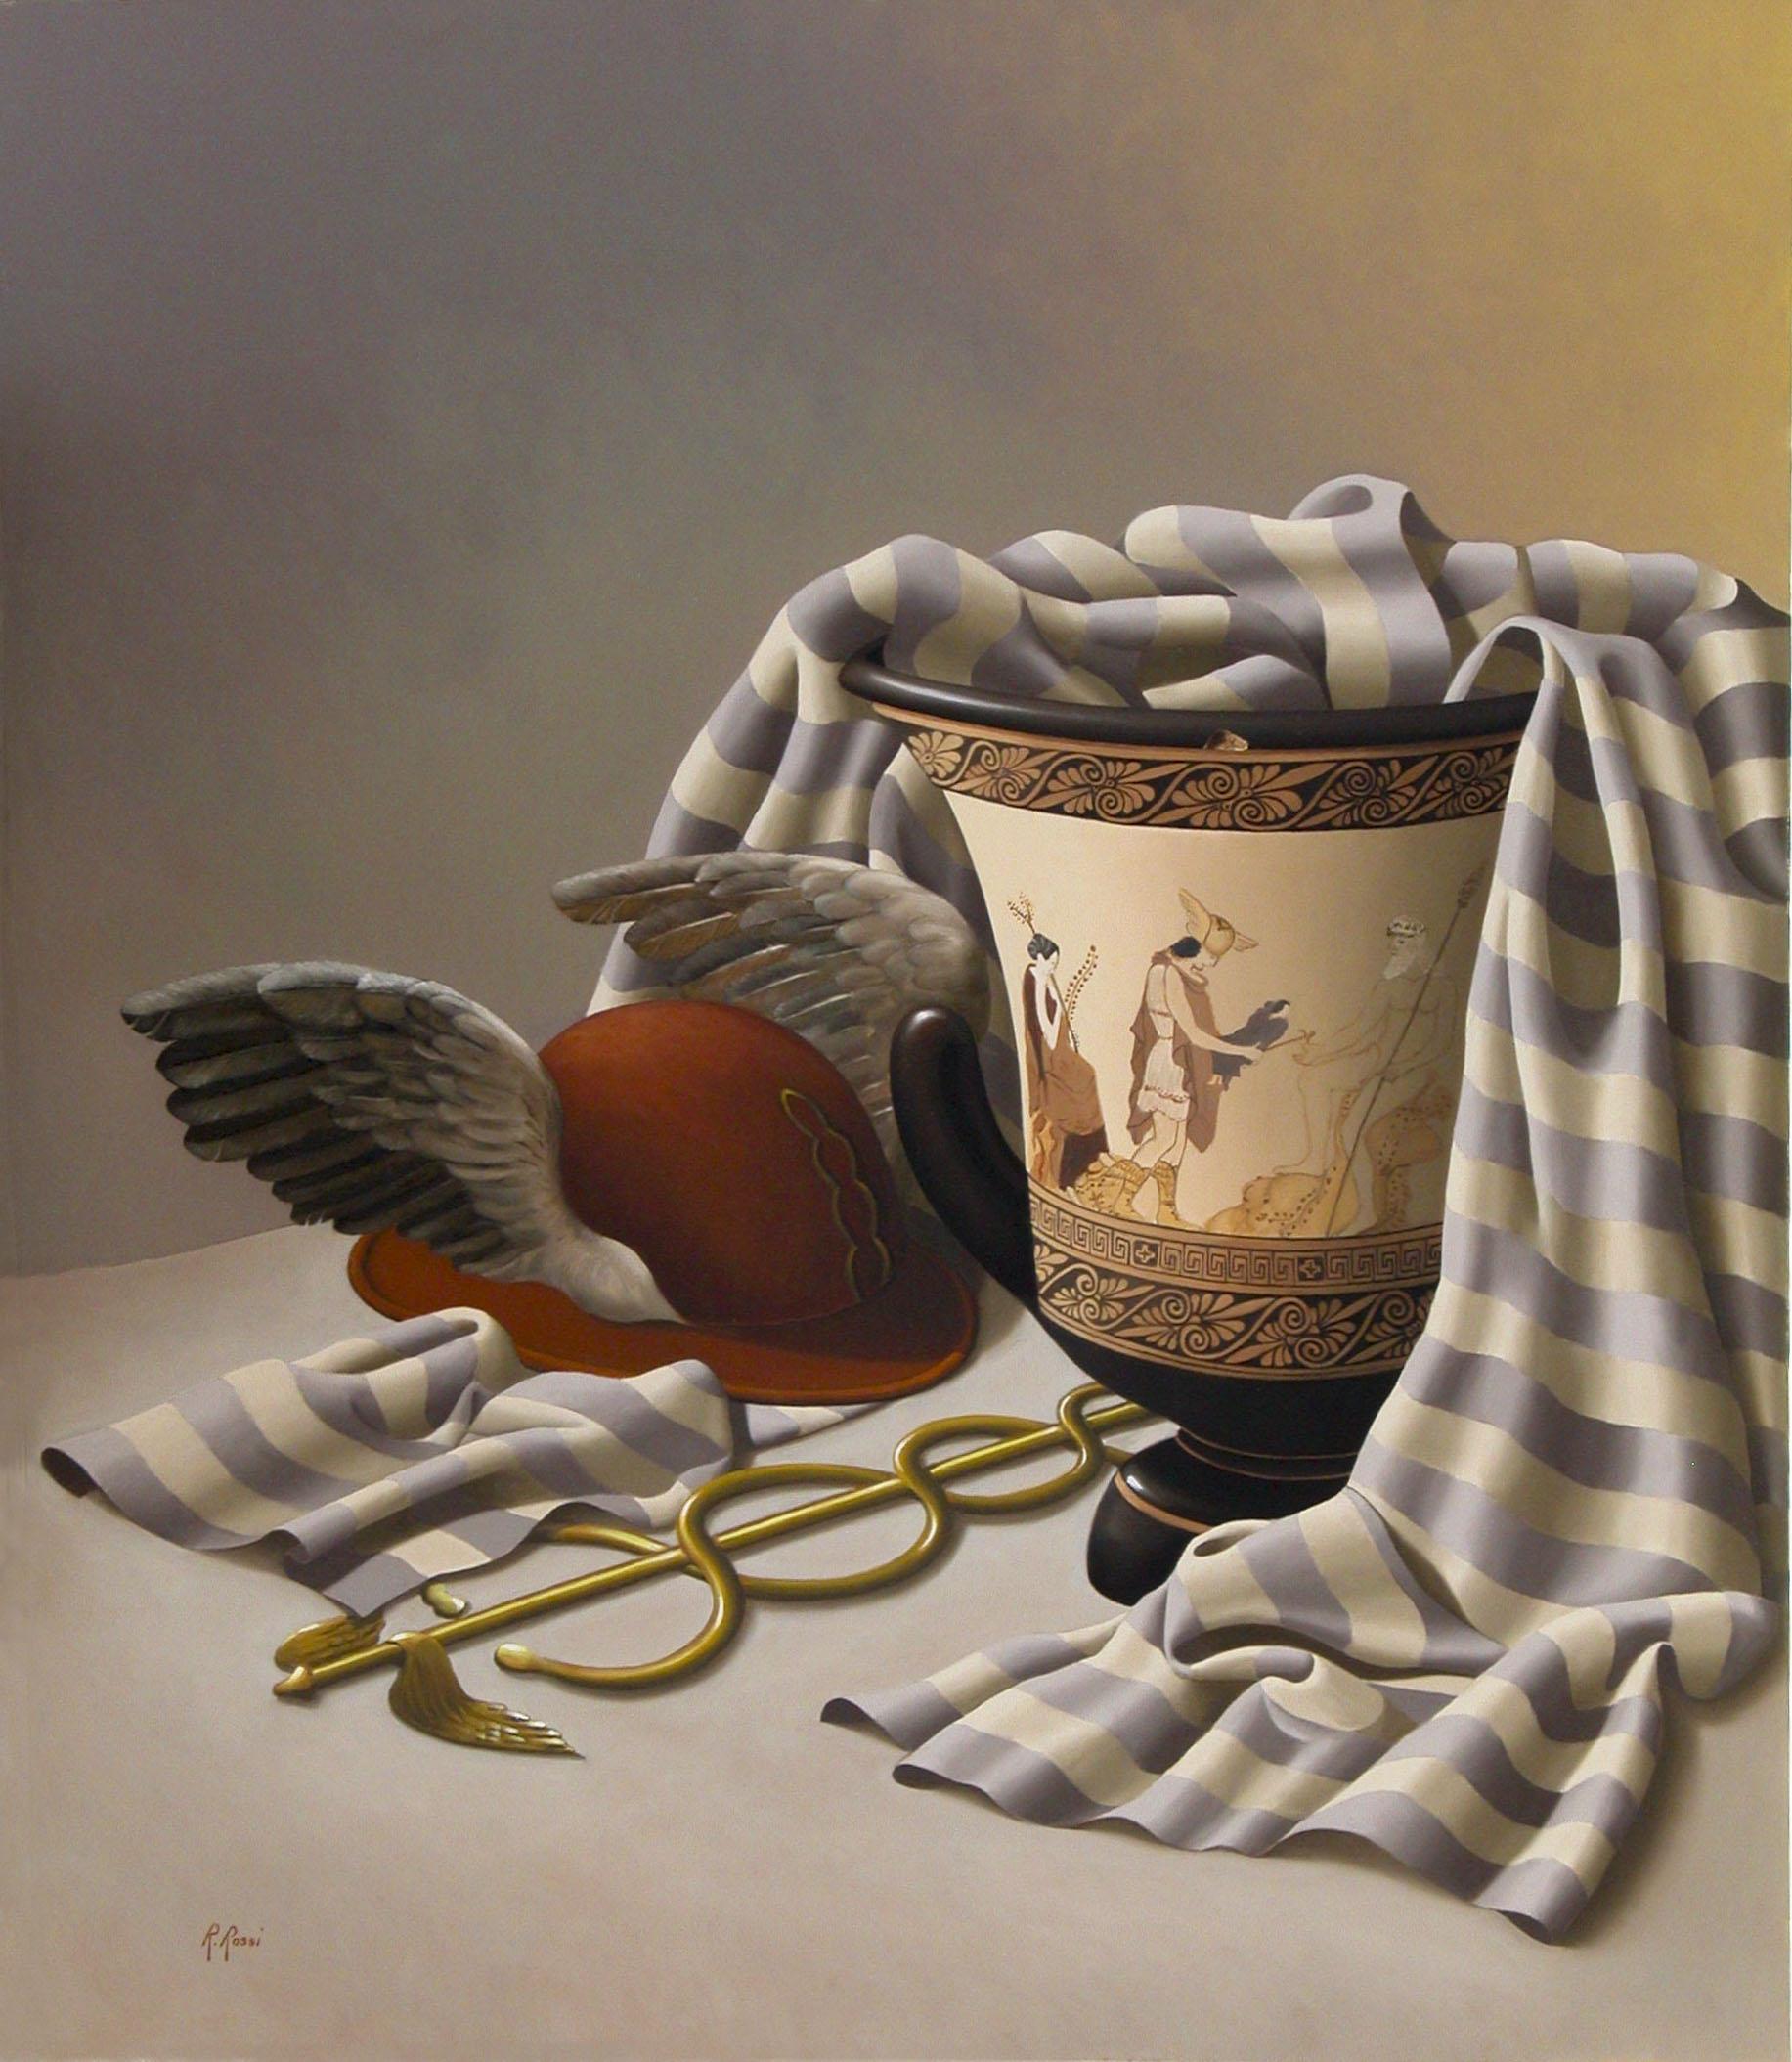 2008 roberta rossi - Le ali di Hermes - olio su tela - 70 x 60